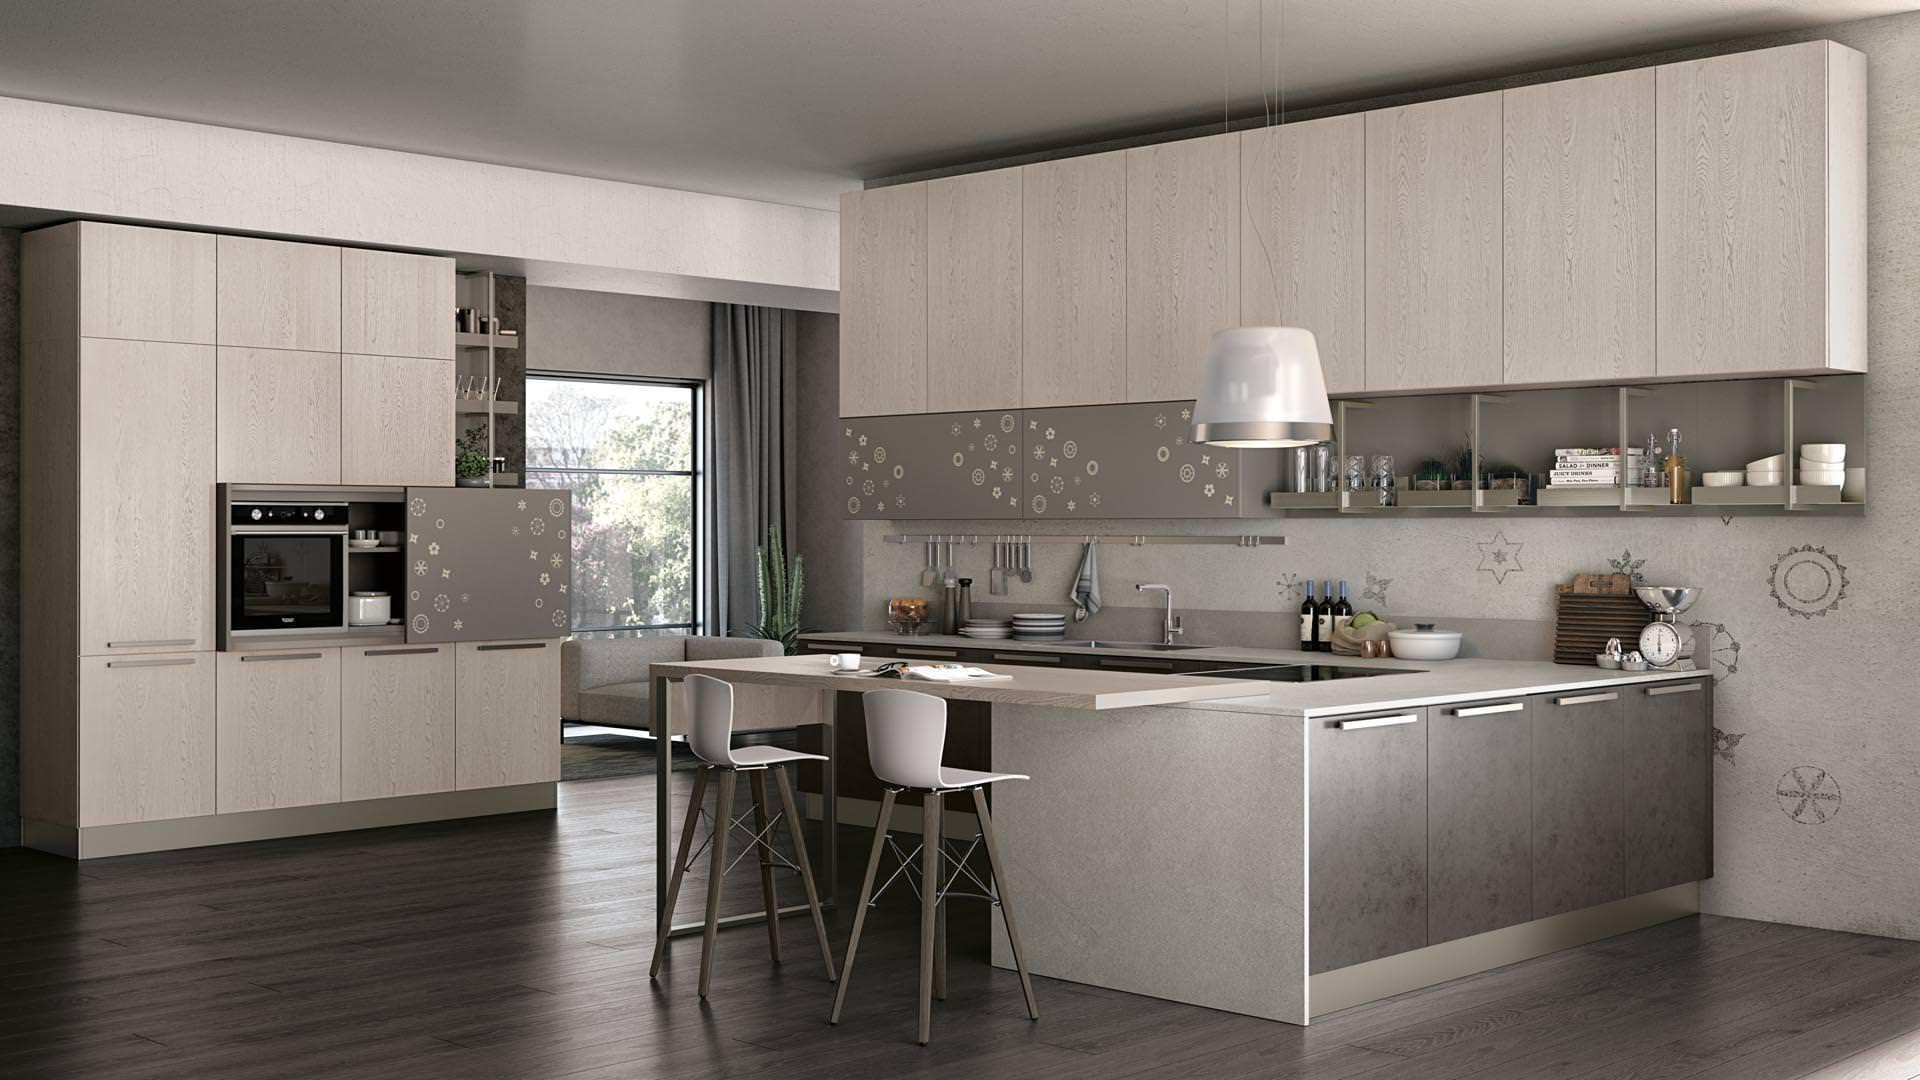 Cucine Moderne Bianche Lube : Cucina lube clover bridge unicità e personalità